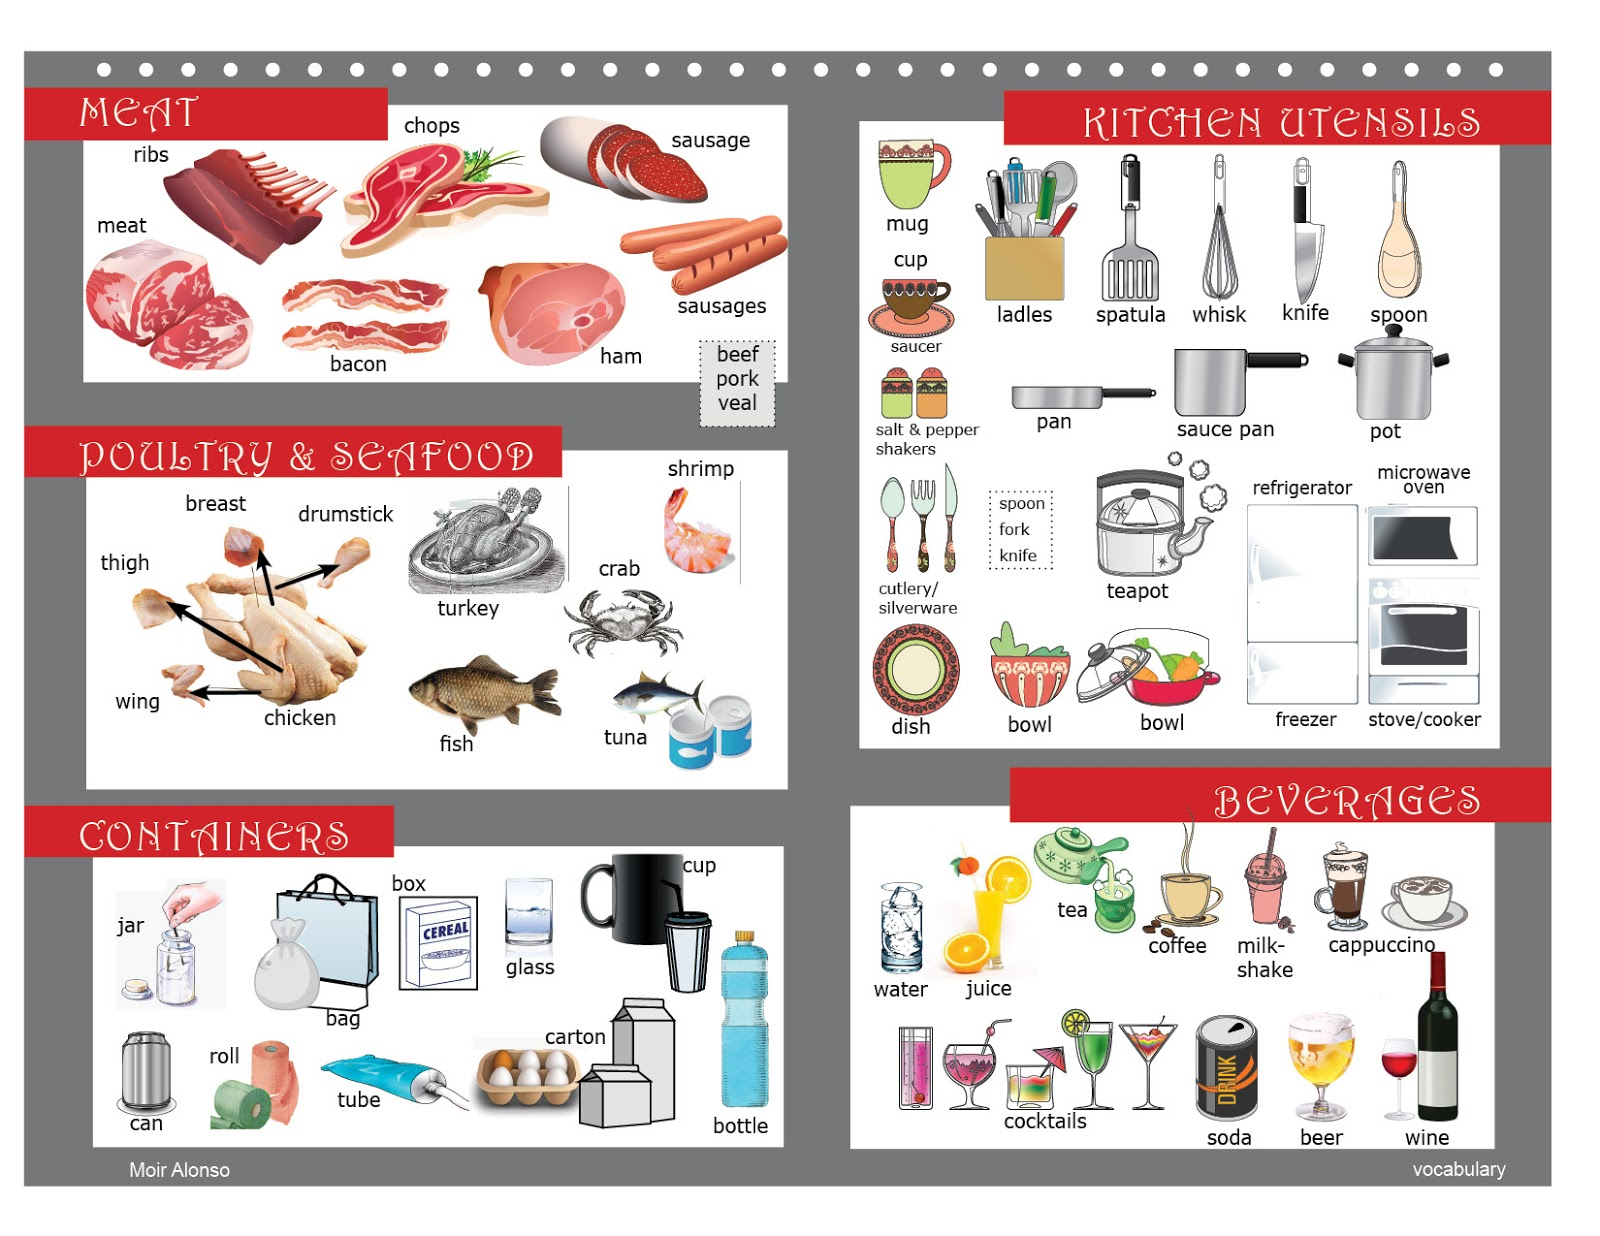 рецепты на английском. Cooking